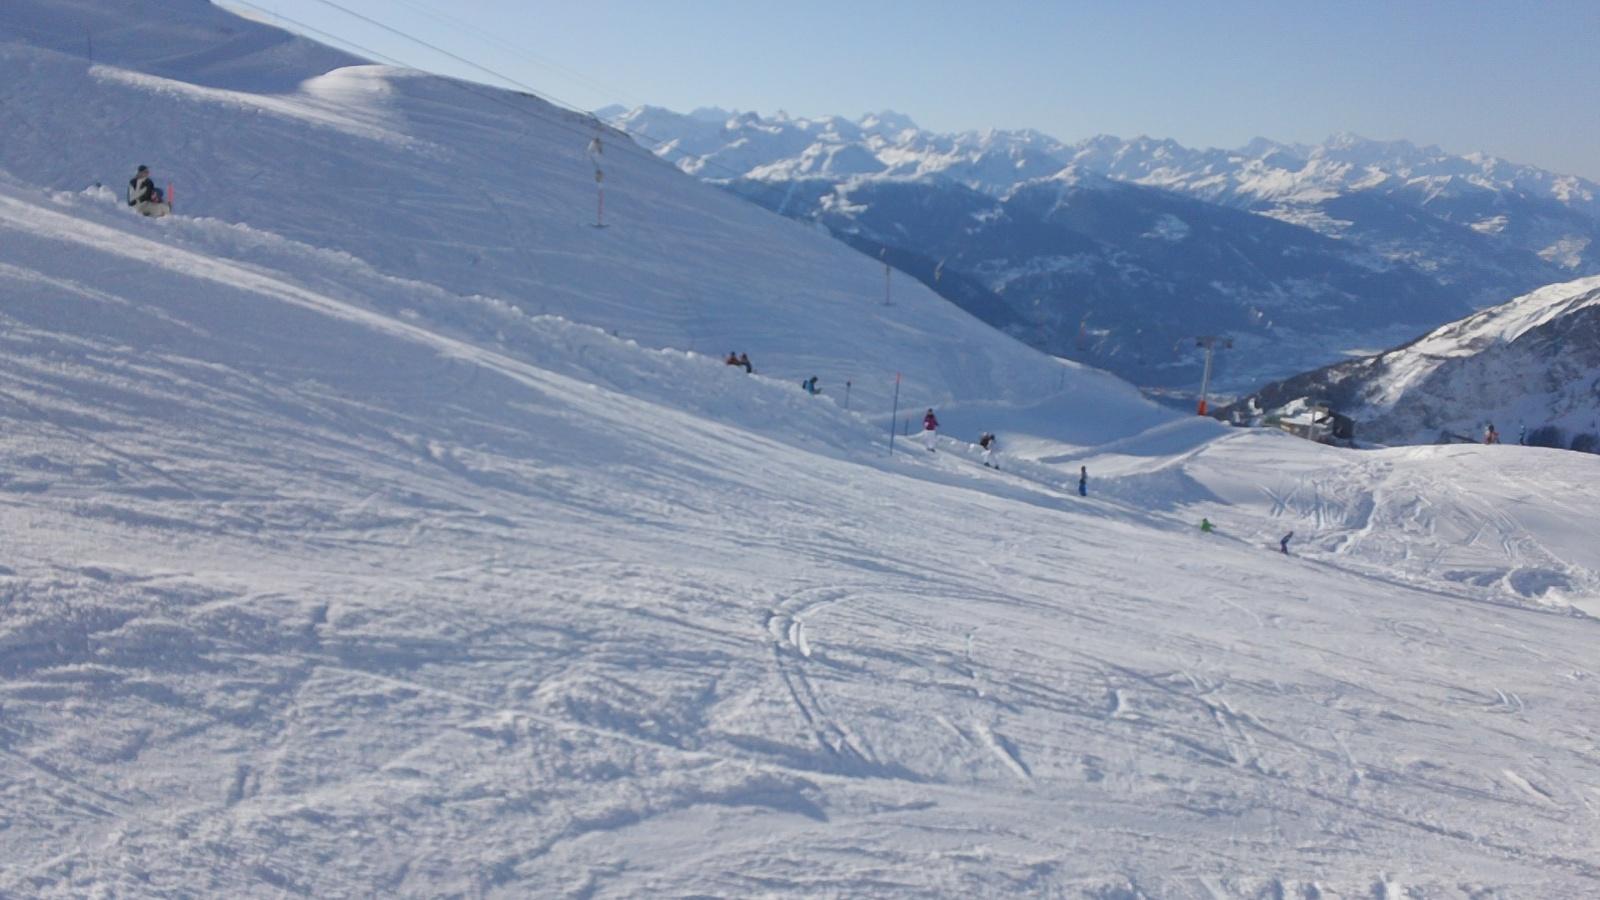 Ski Slope Wallpaper 1600x900